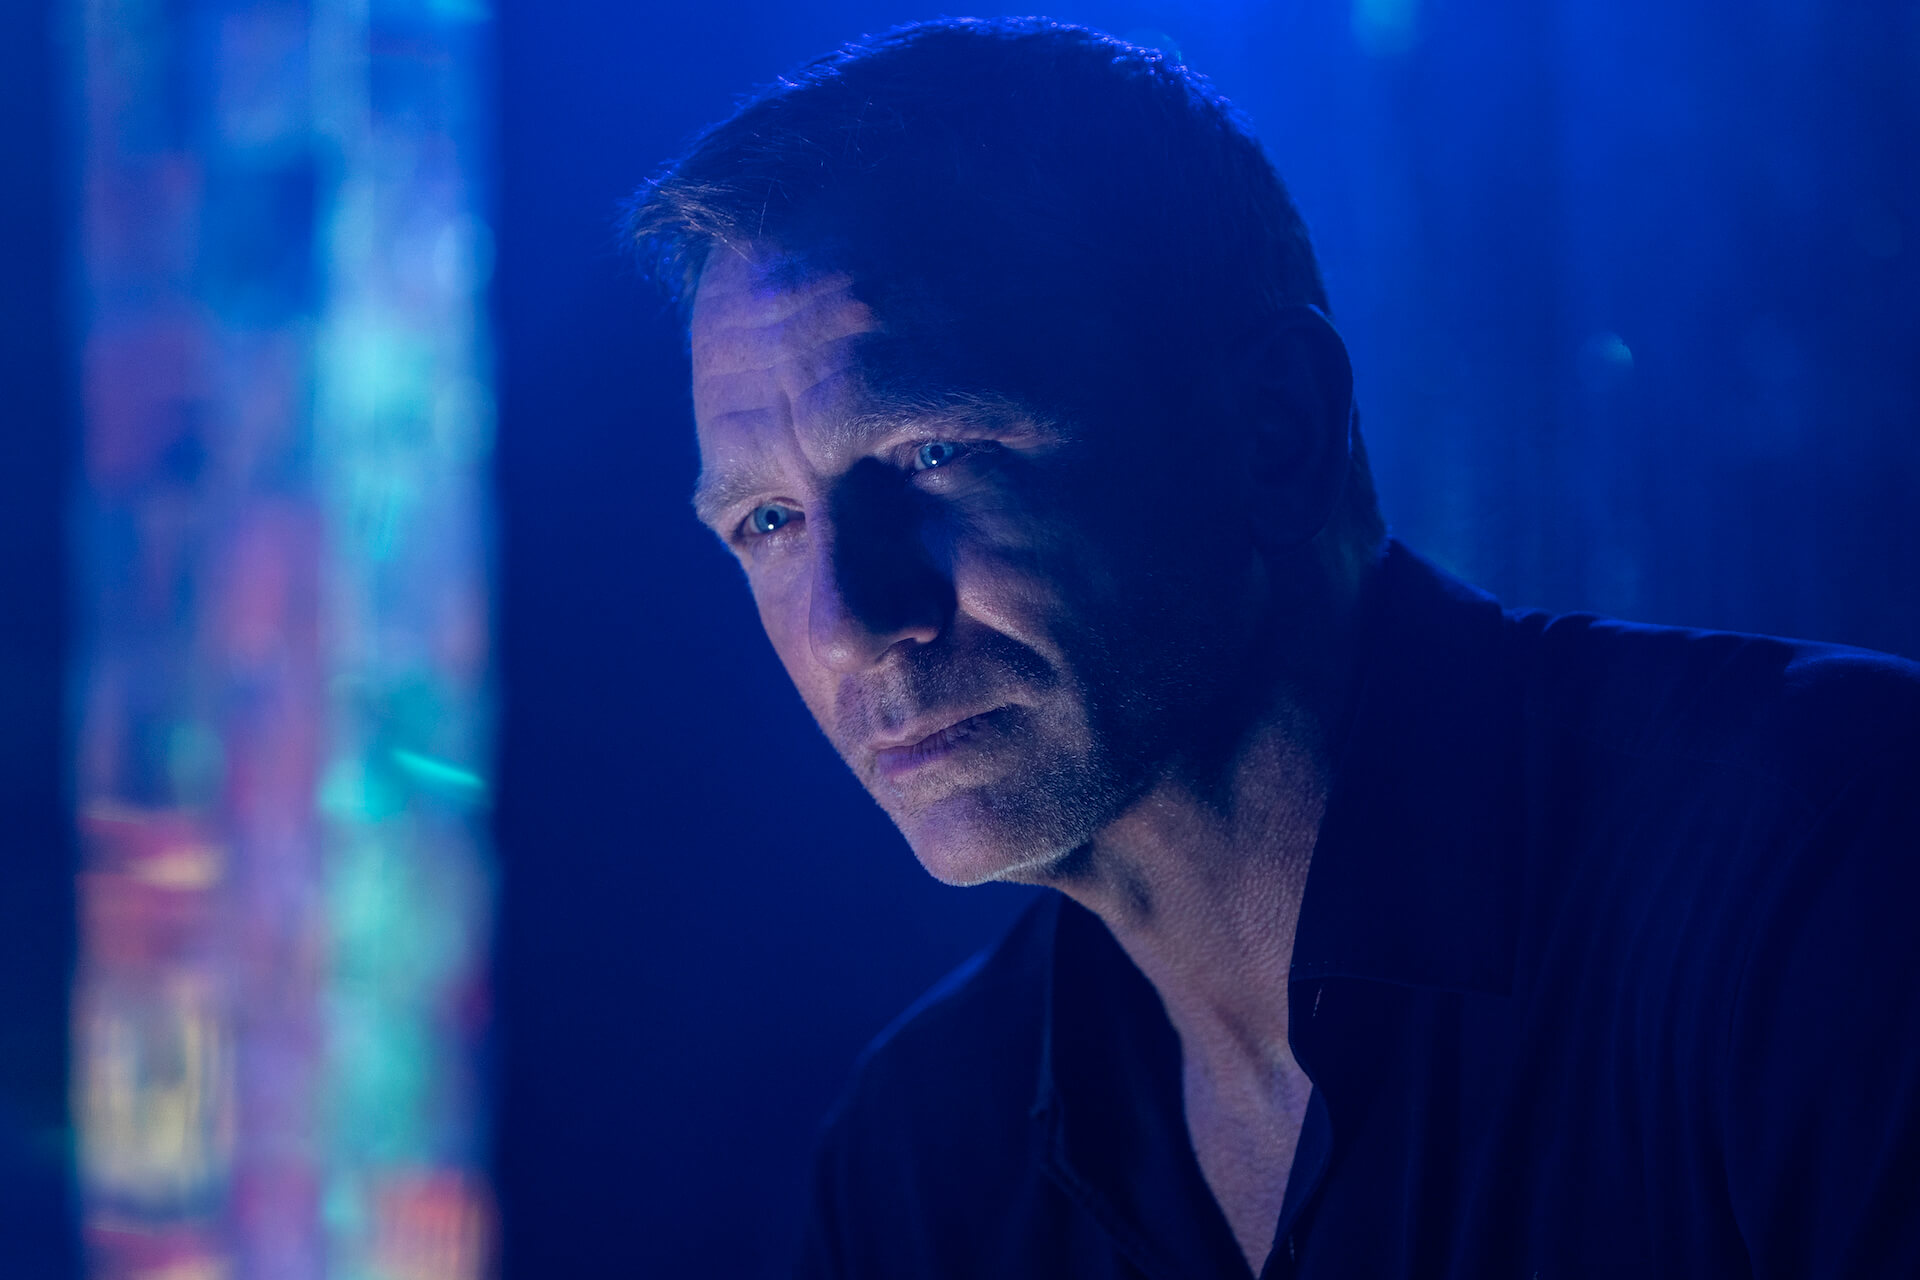 ダニエル・クレイグ演じるジェームズ・ボンドの歴史を振り返る!『007/ノー・タイム・トゥ・ダイ』特別映像が解禁 film210915_007_ntd_6